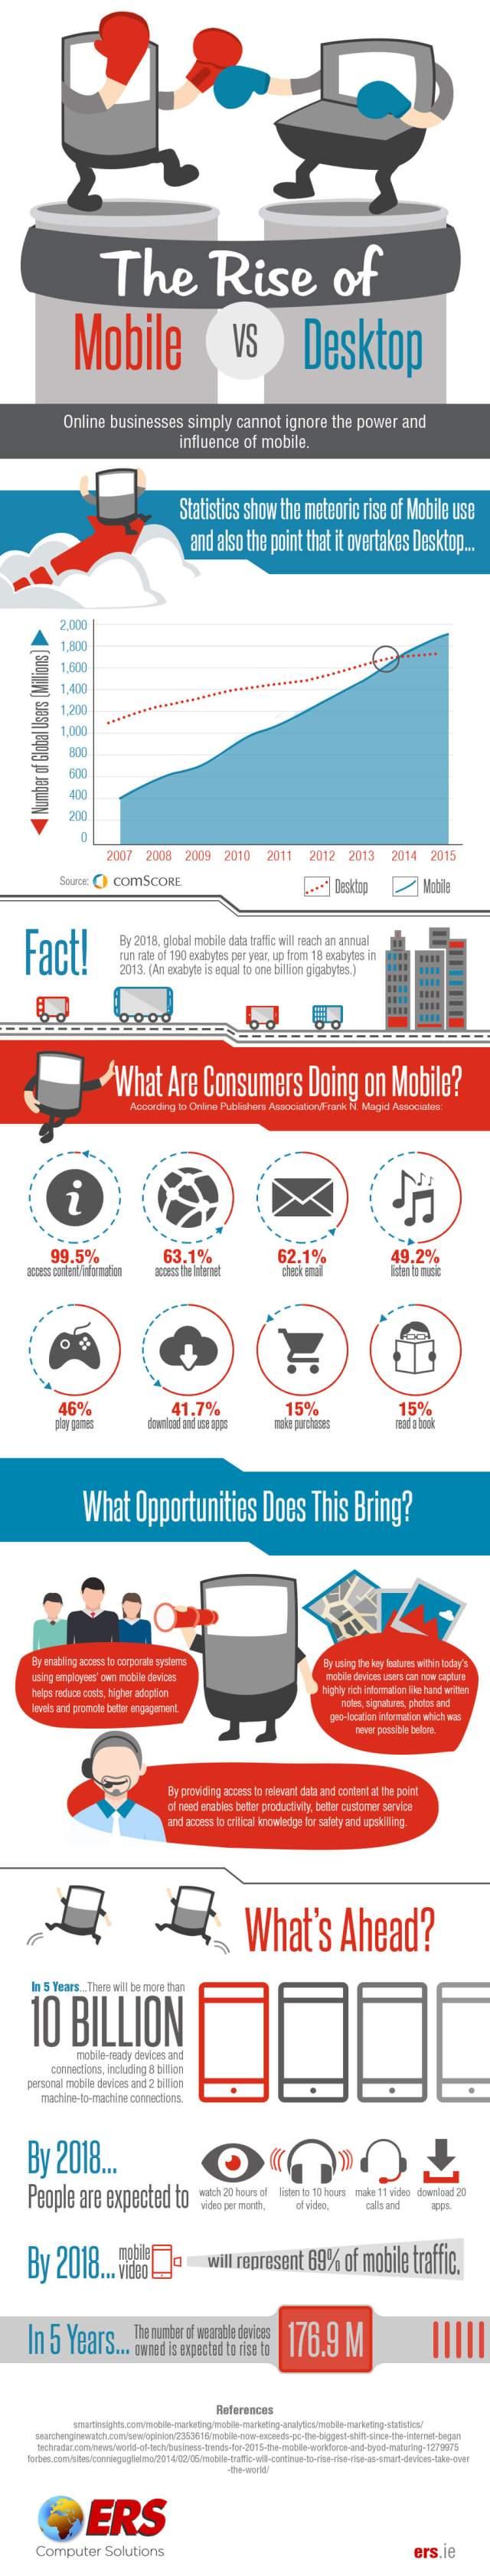 Mobile-vs-desktop-infographic